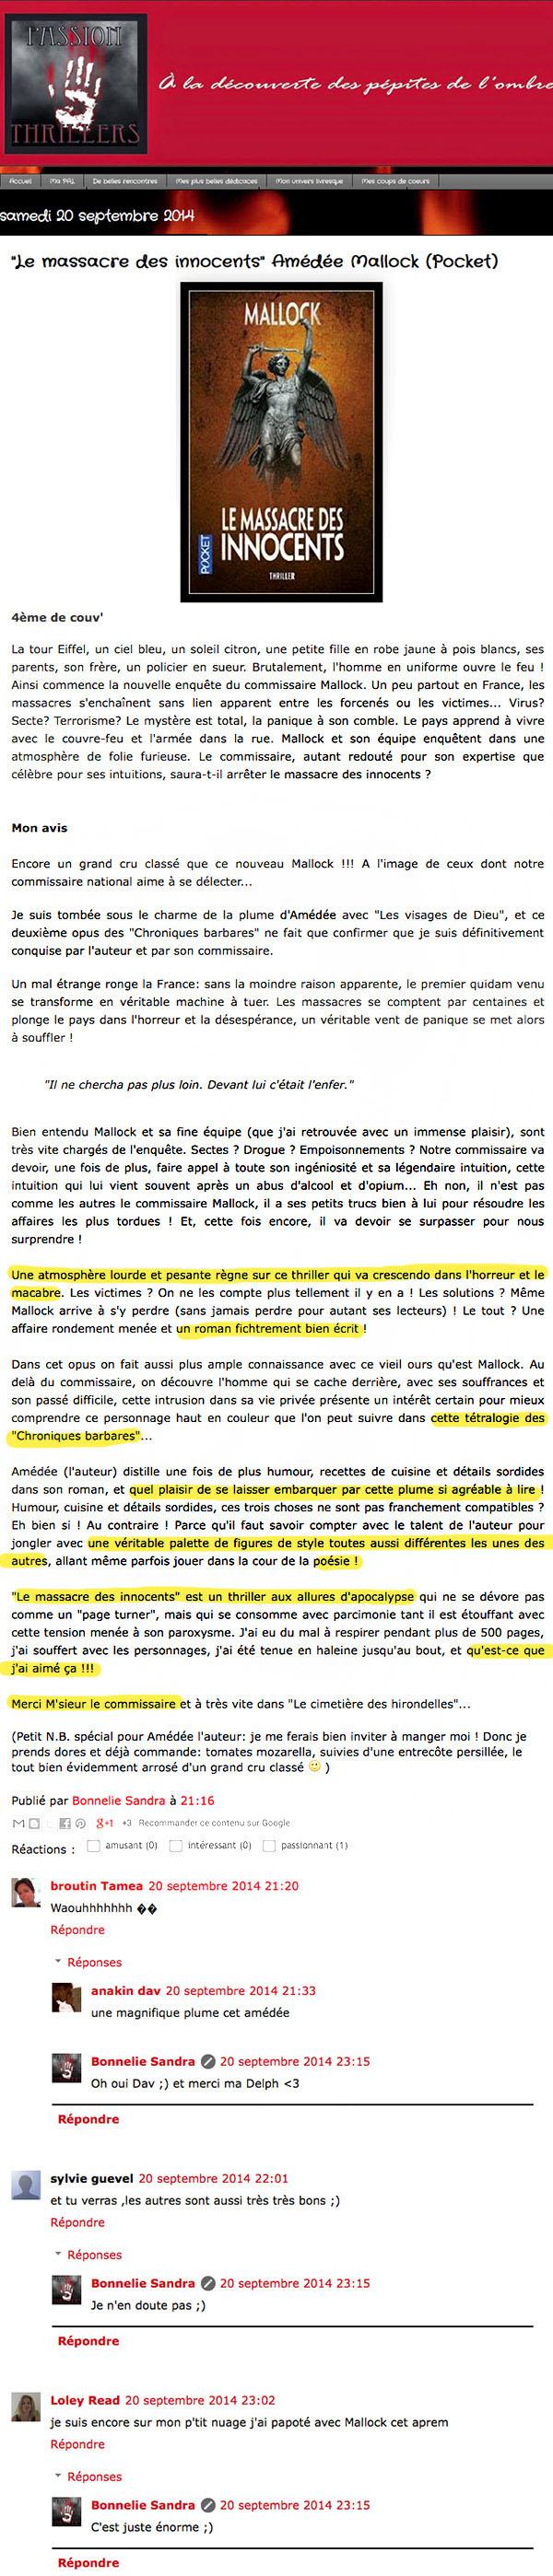 """Passion Thrillers: """"Le massacre des innocents"""" Amédée Mallock (Pocket)"""